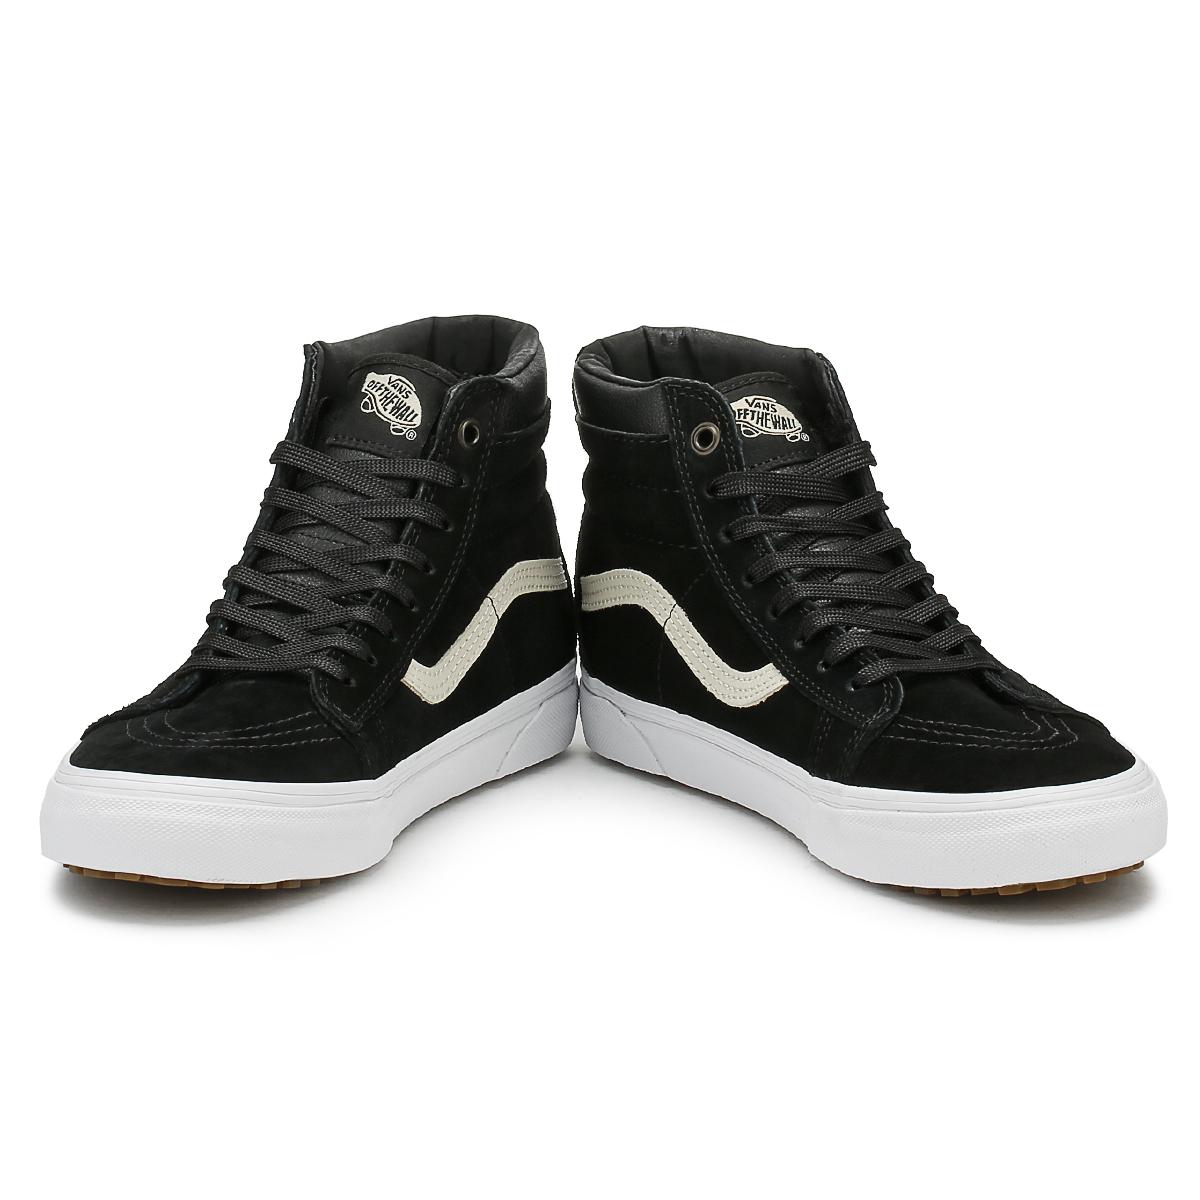 Vans Mens schwarz Night SK8-Hi MTE Skate Trainers Leder Lace Up Skate MTE Schuhes High Tops 17d025